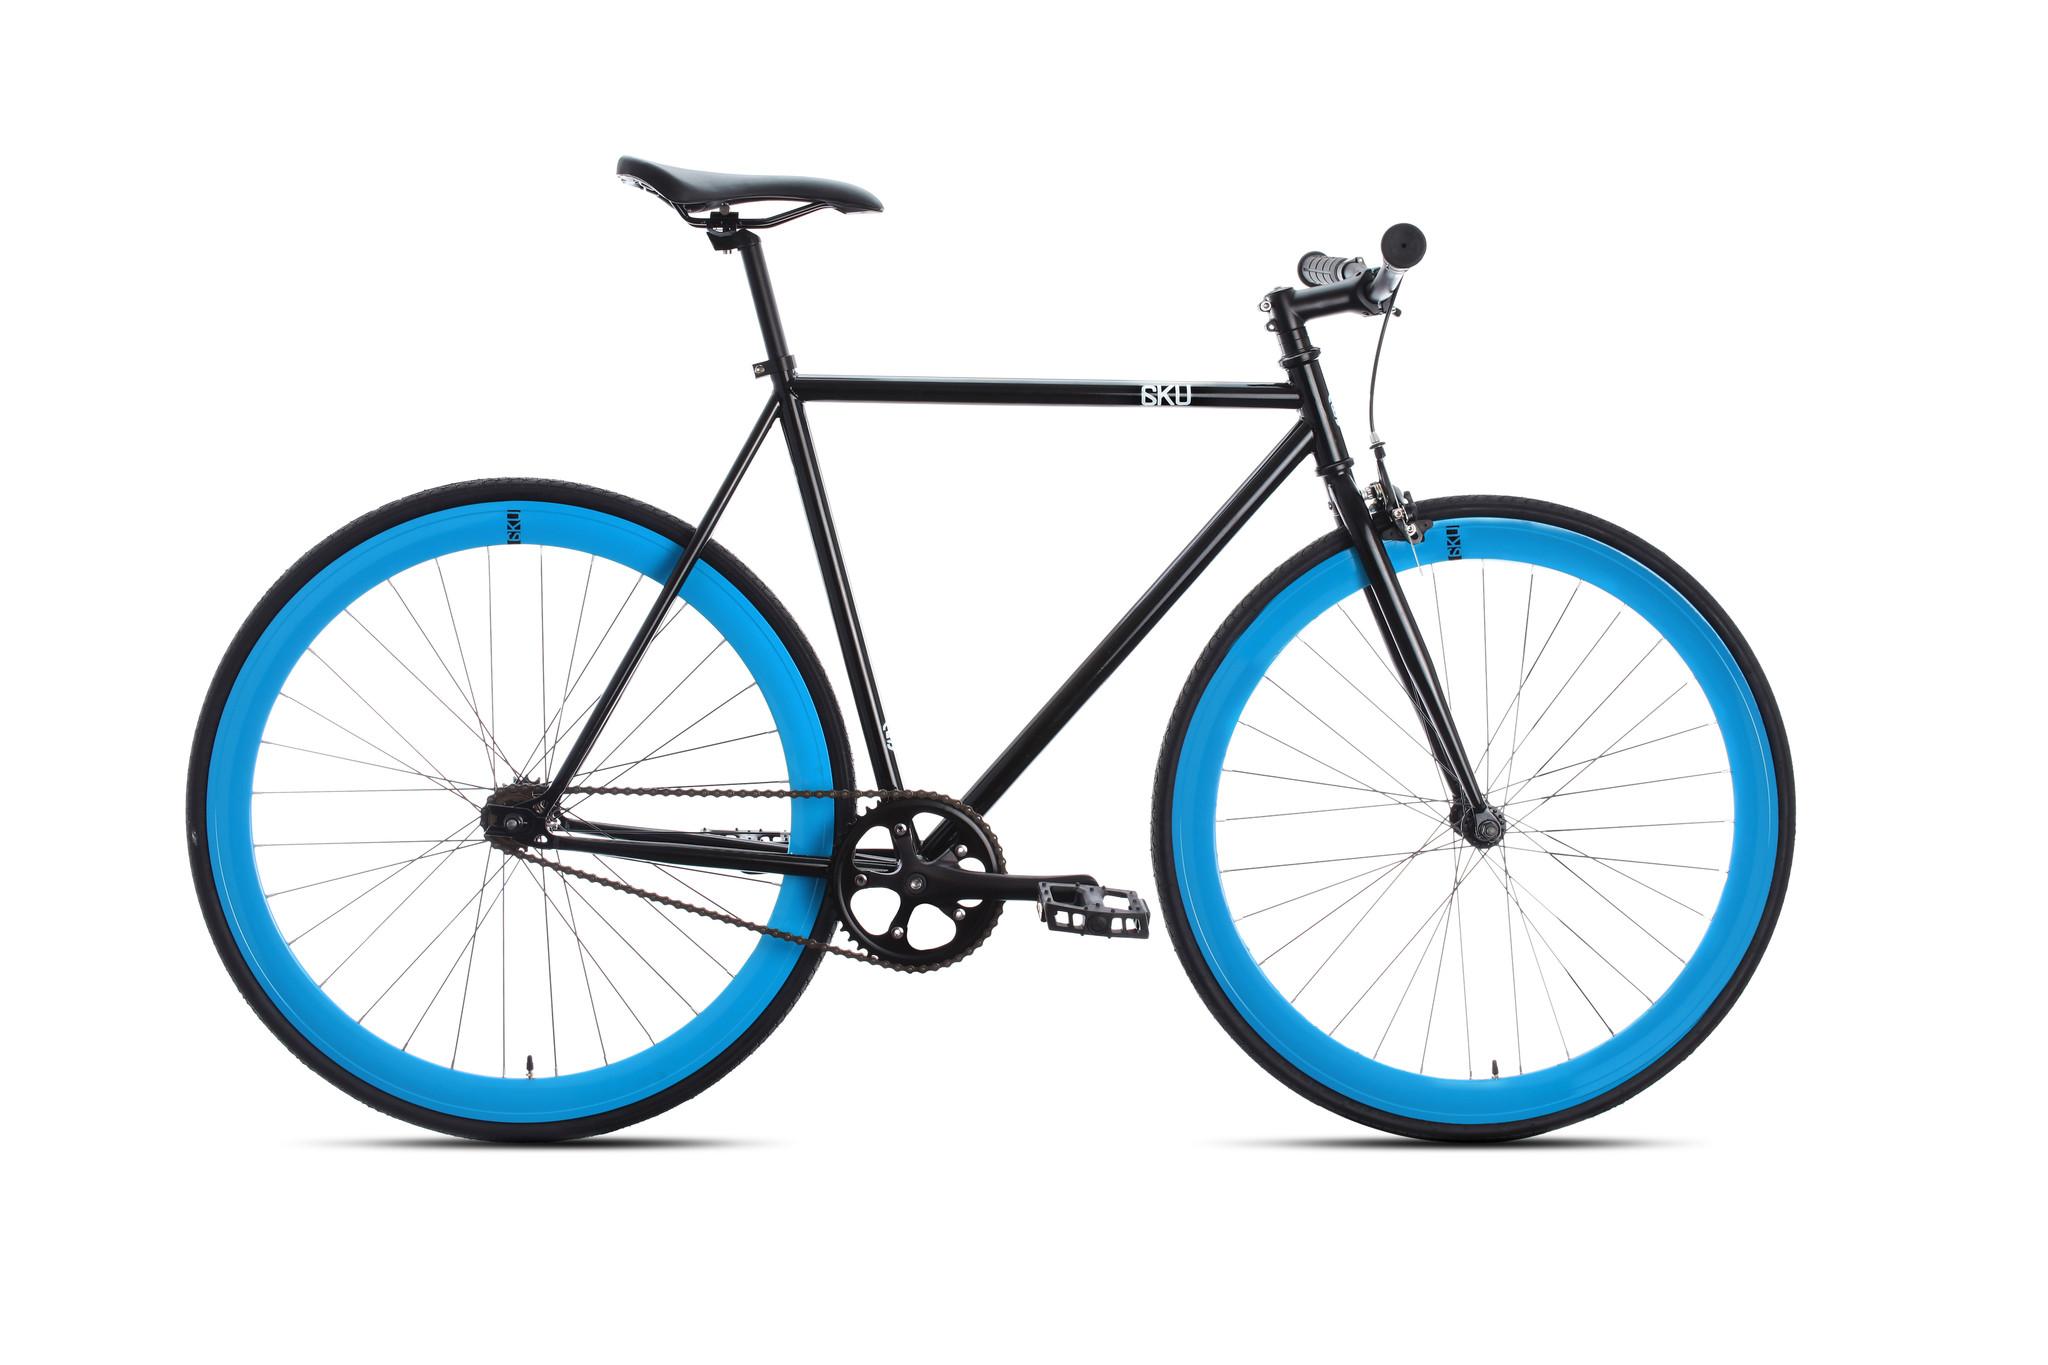 6ku complete bike fixie shelby 4 black. Black Bedroom Furniture Sets. Home Design Ideas